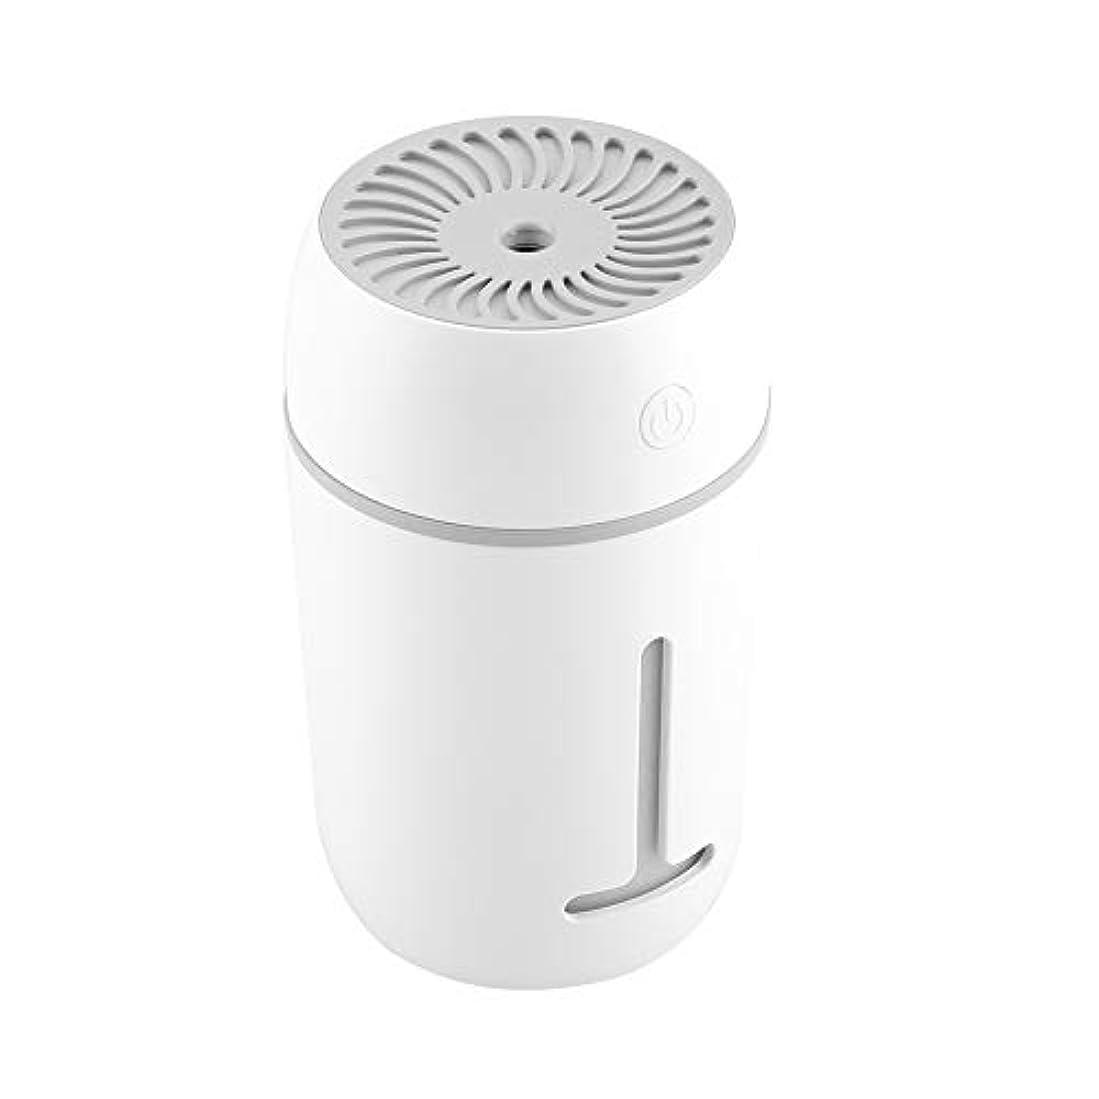 確かなチキン中傷携帯用加湿器、車のオフィスのためのUSBの再充電可能な携帯用超音波加湿器の拡散器7色LEDライト